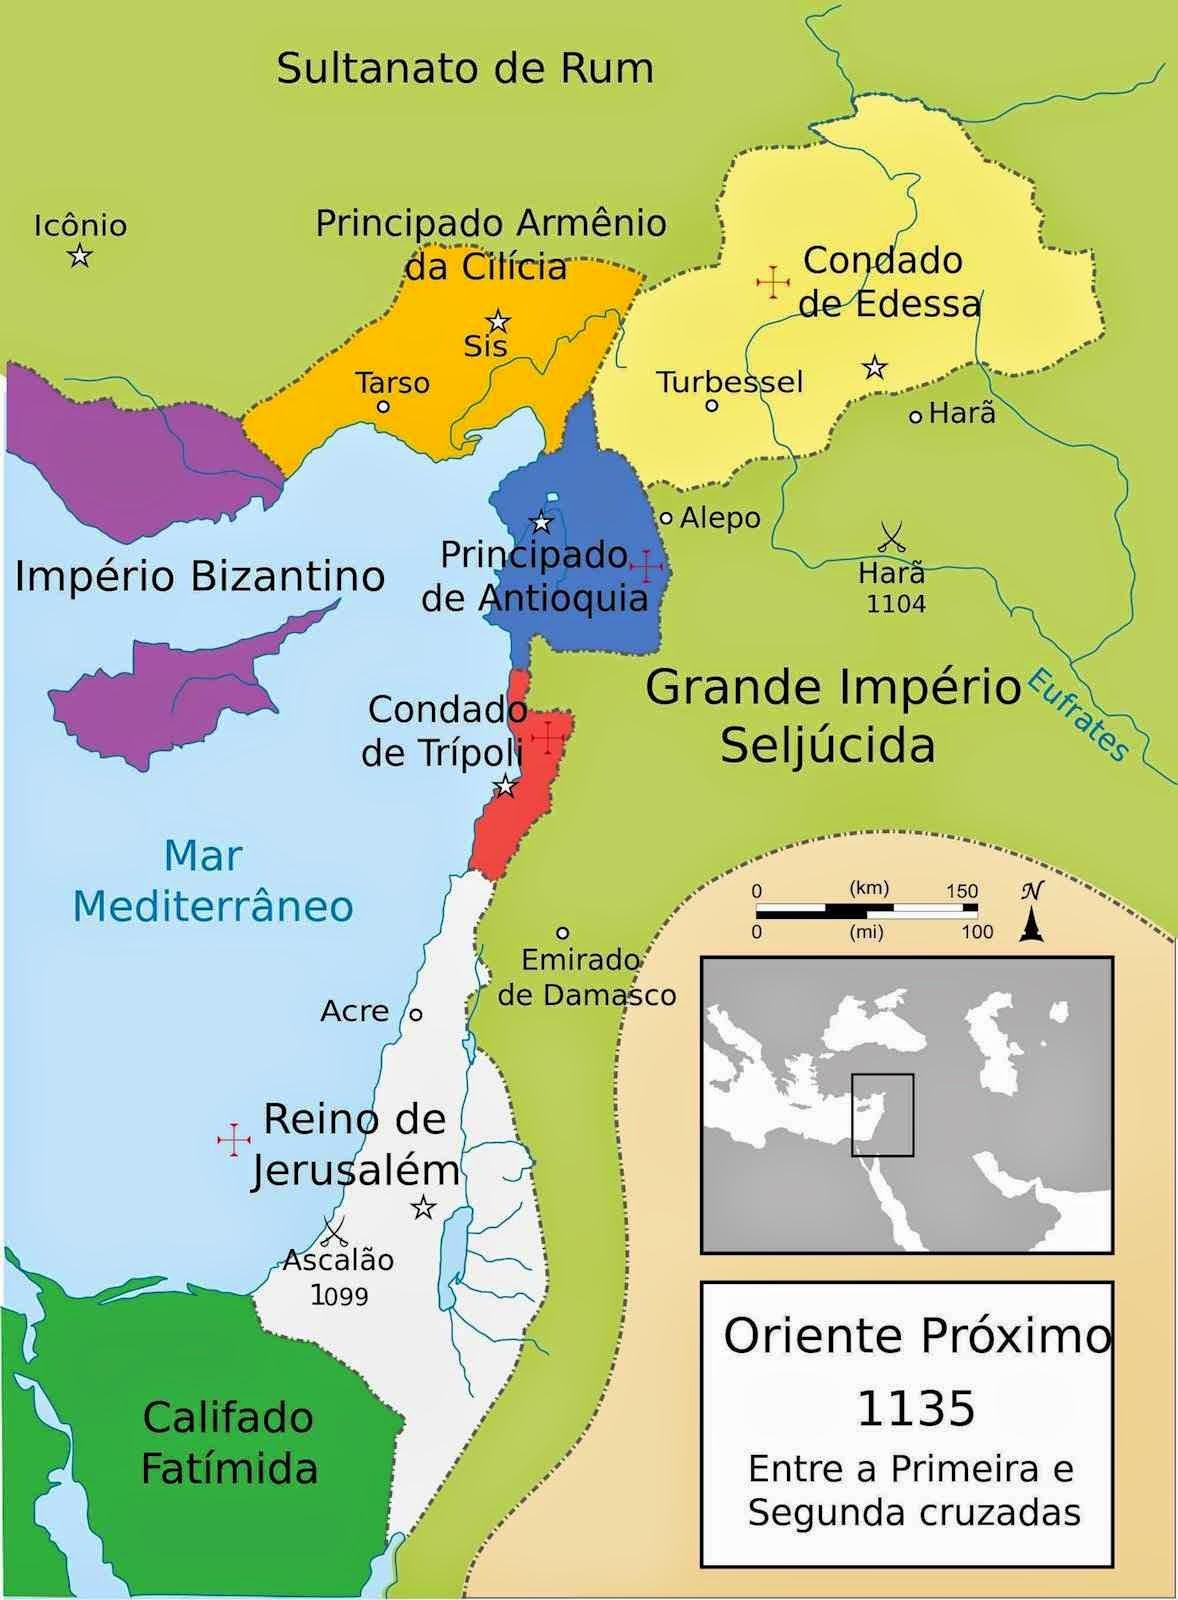 Mapa político do Próximo Oriente em 1135 com os estados cruzados